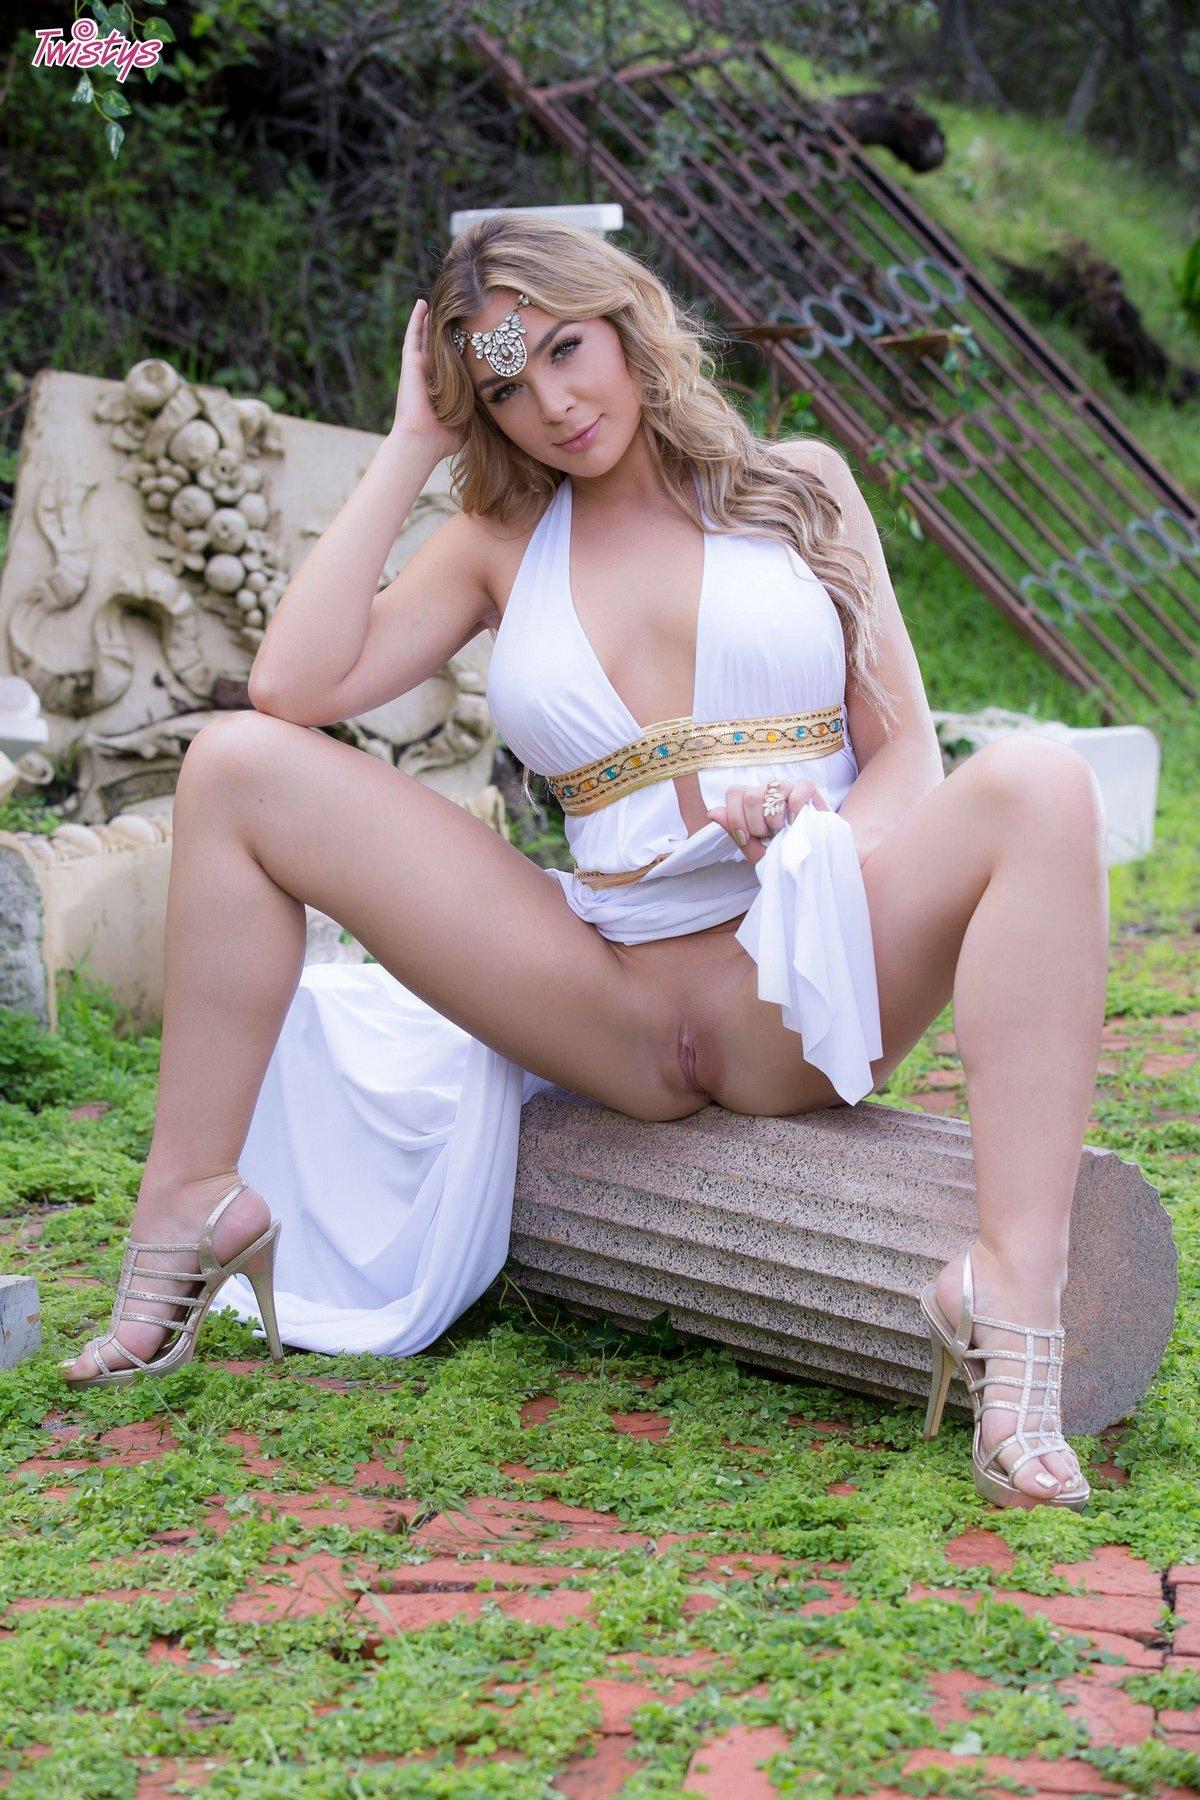 Обнаженная блондиночка с идеальным туловищем среди развалин